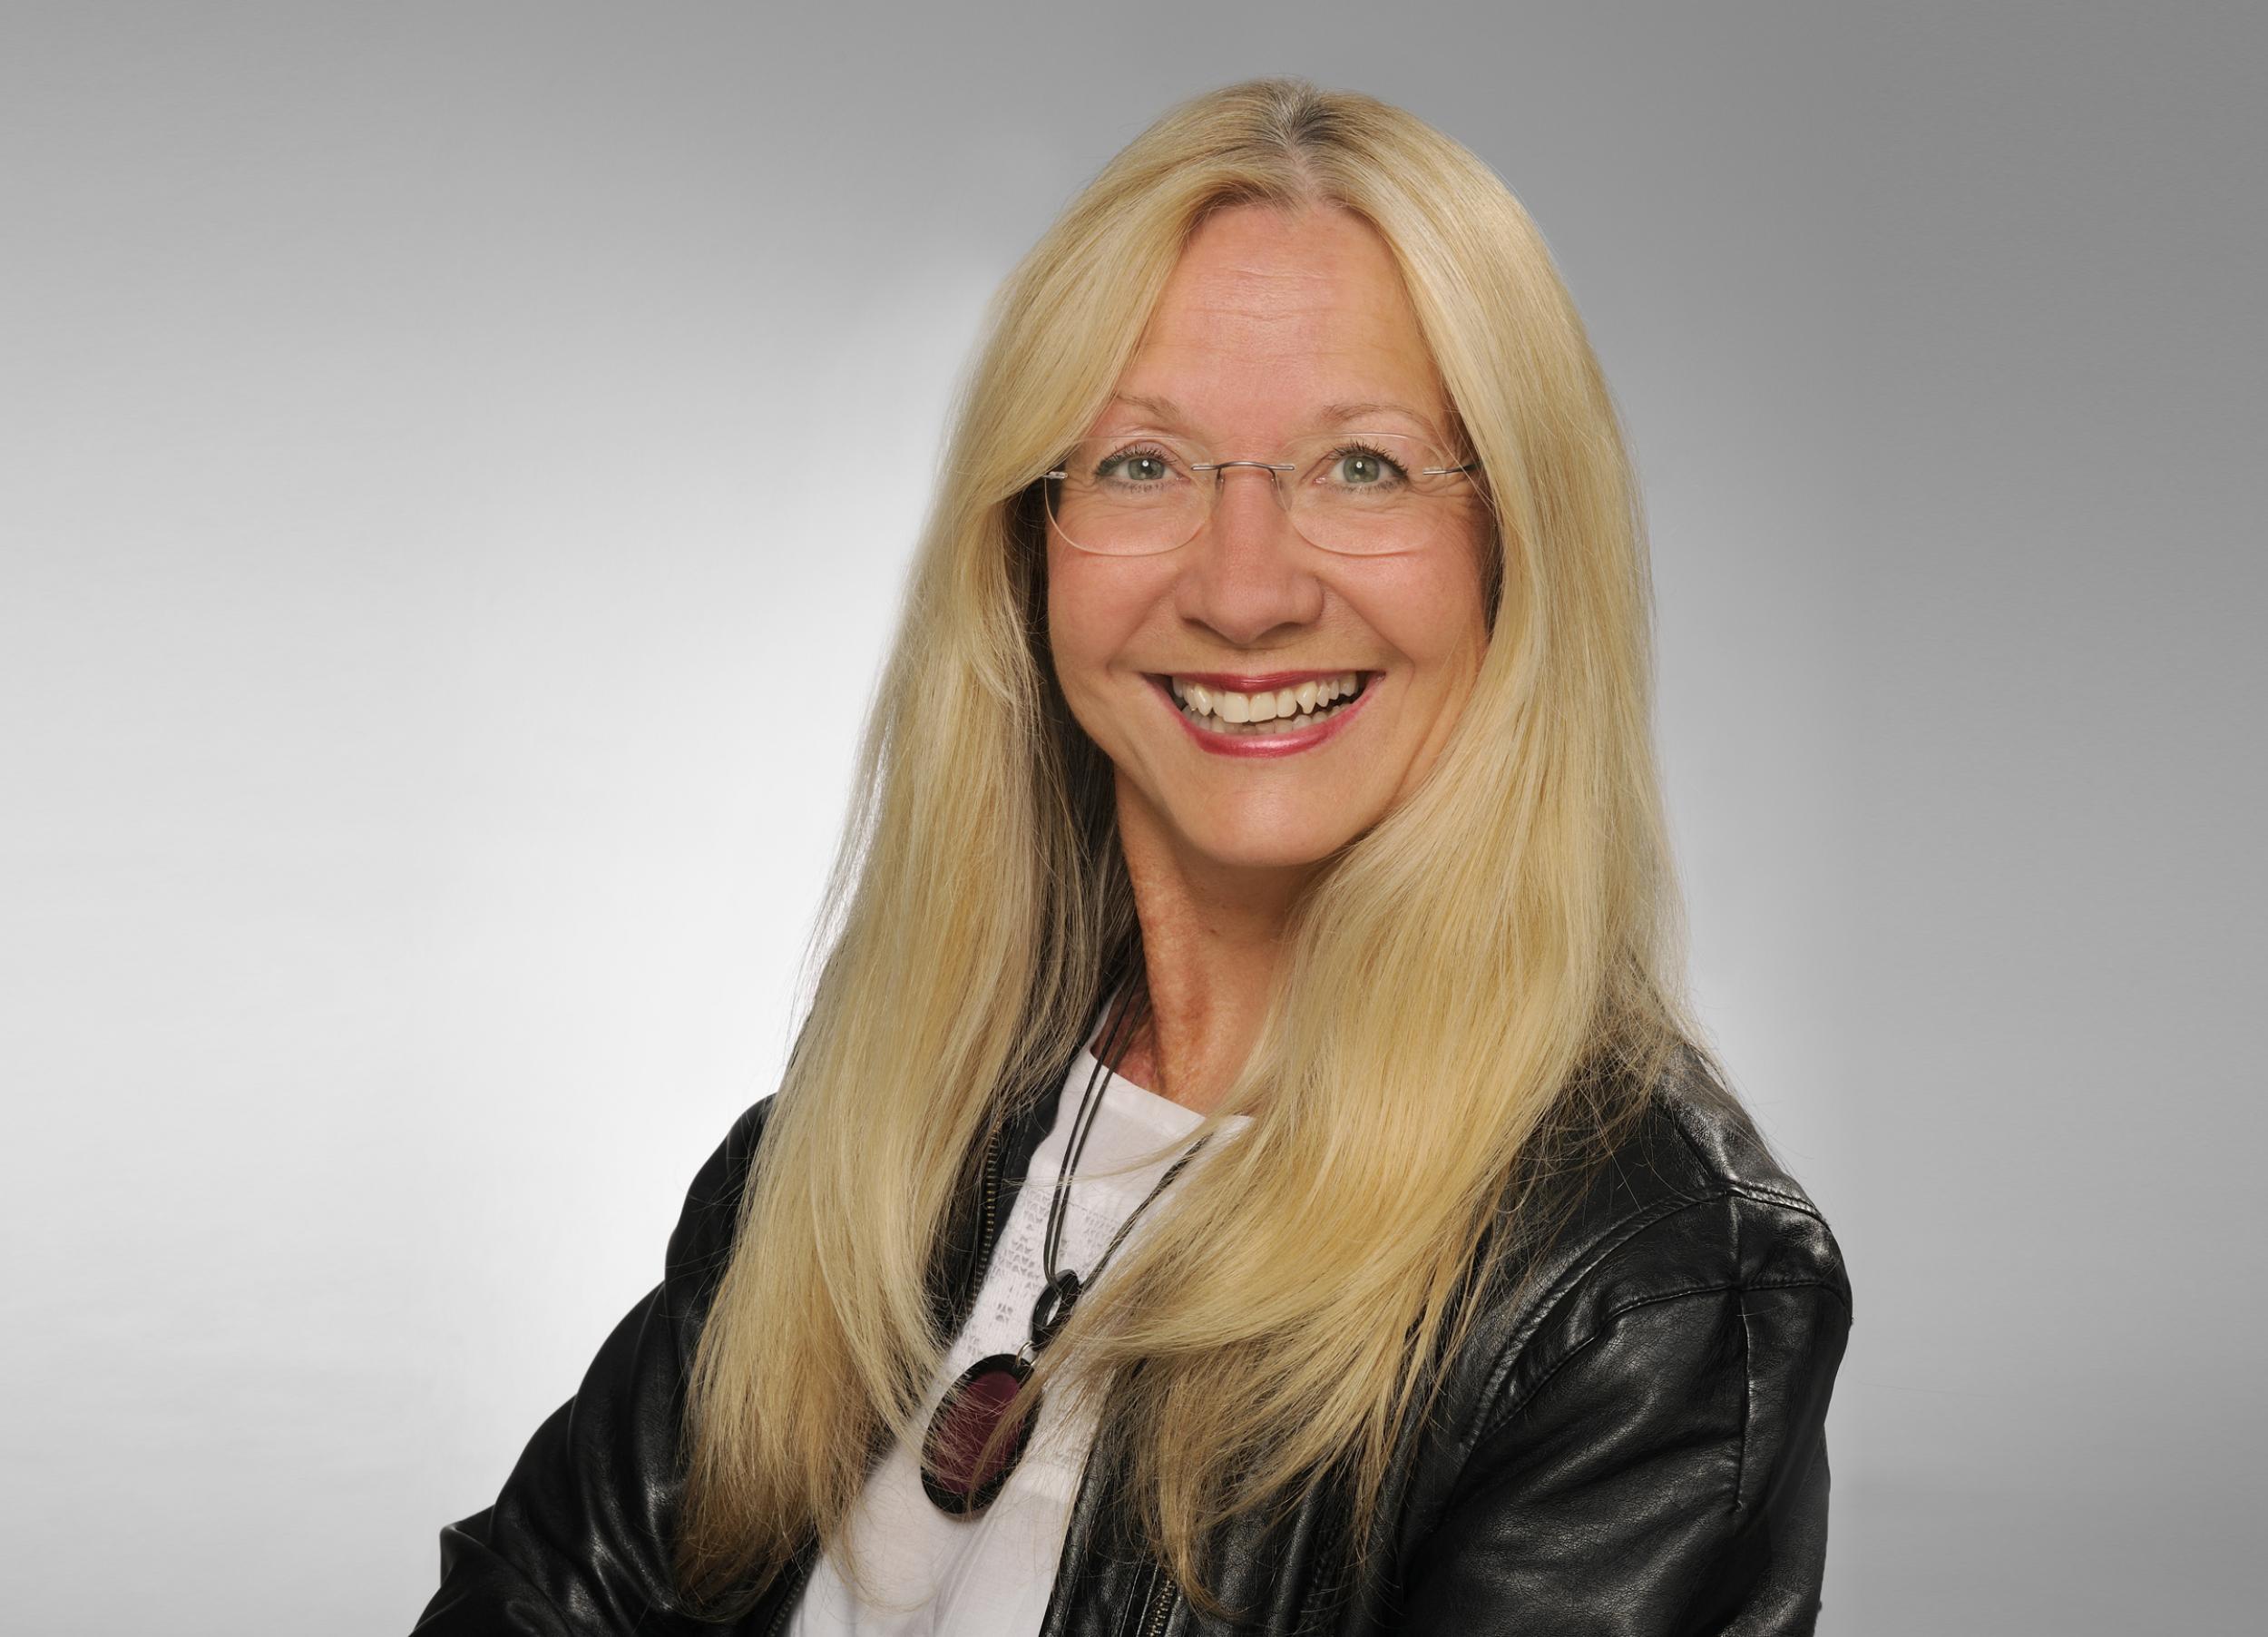 Ute Pfaff-Hamann, Frauenbeauftragte des Main-Kinzig-Kreis